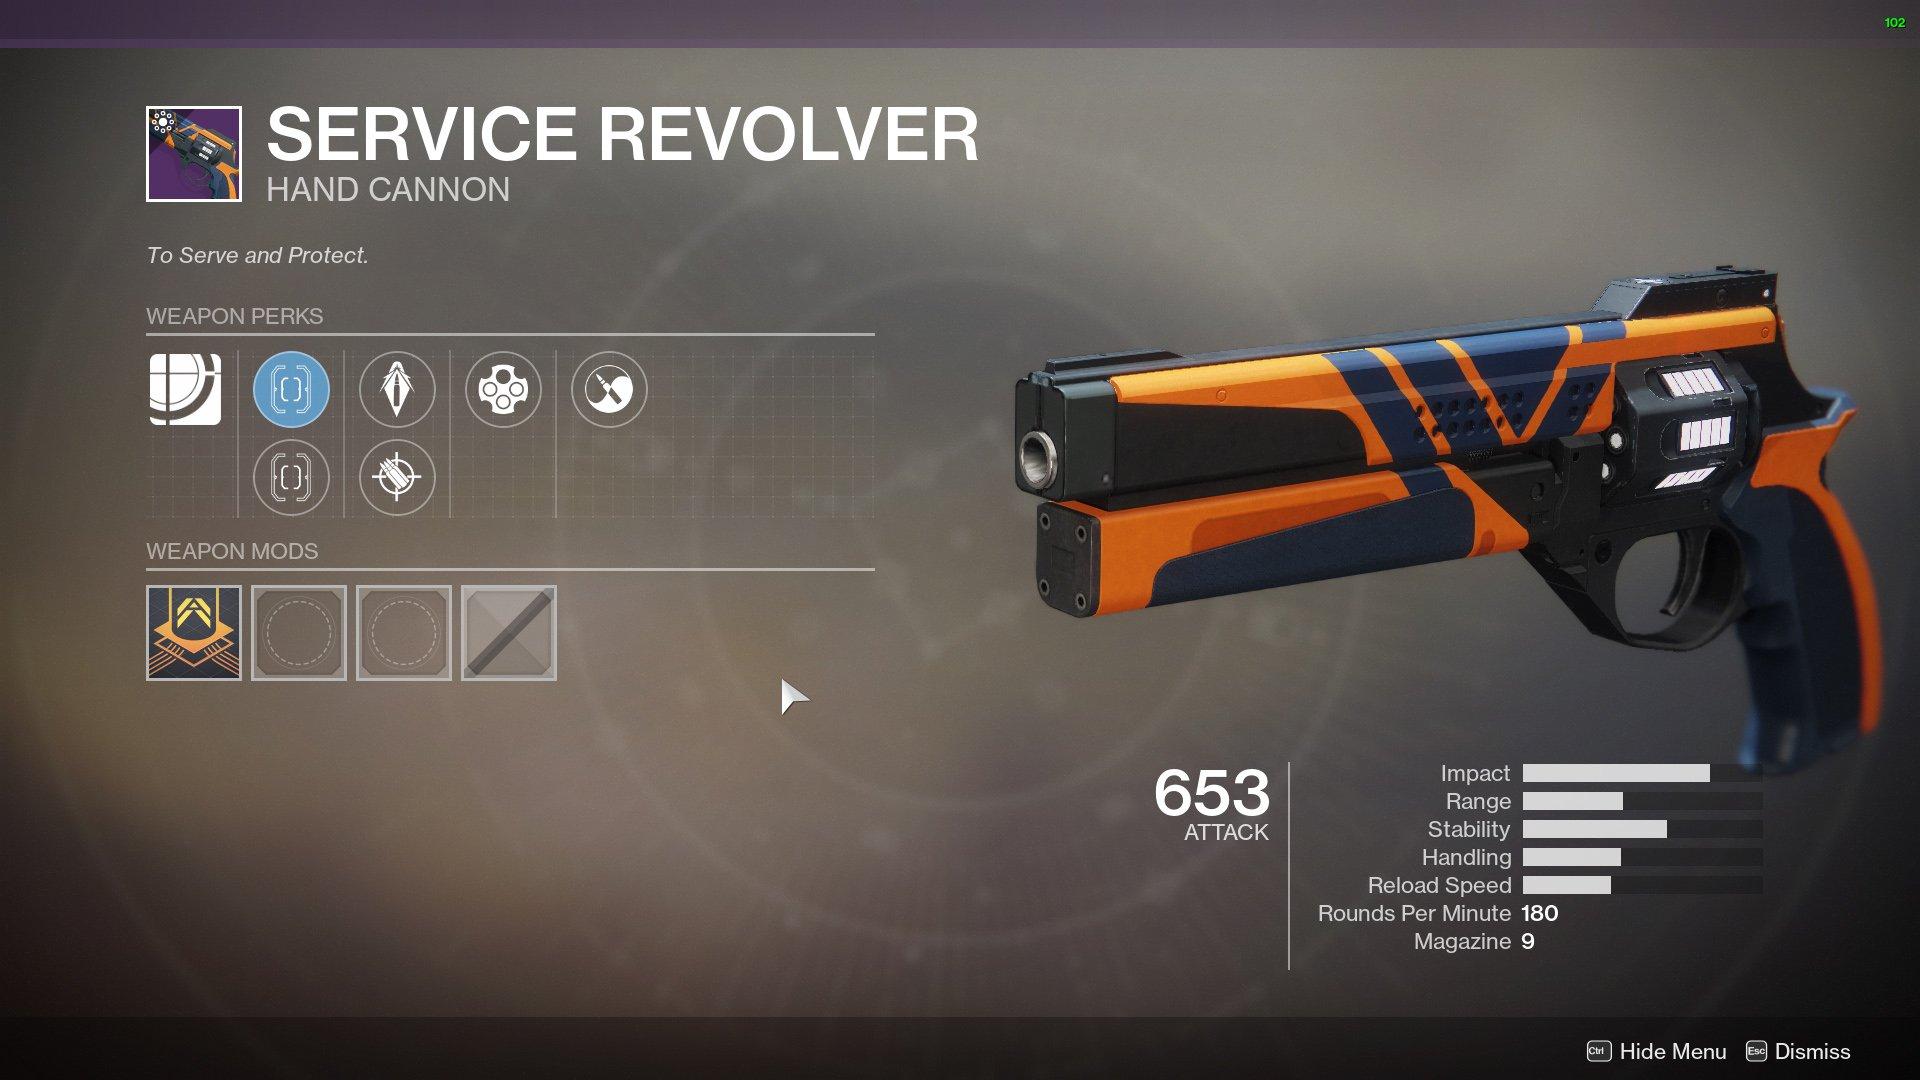 Service Revolver